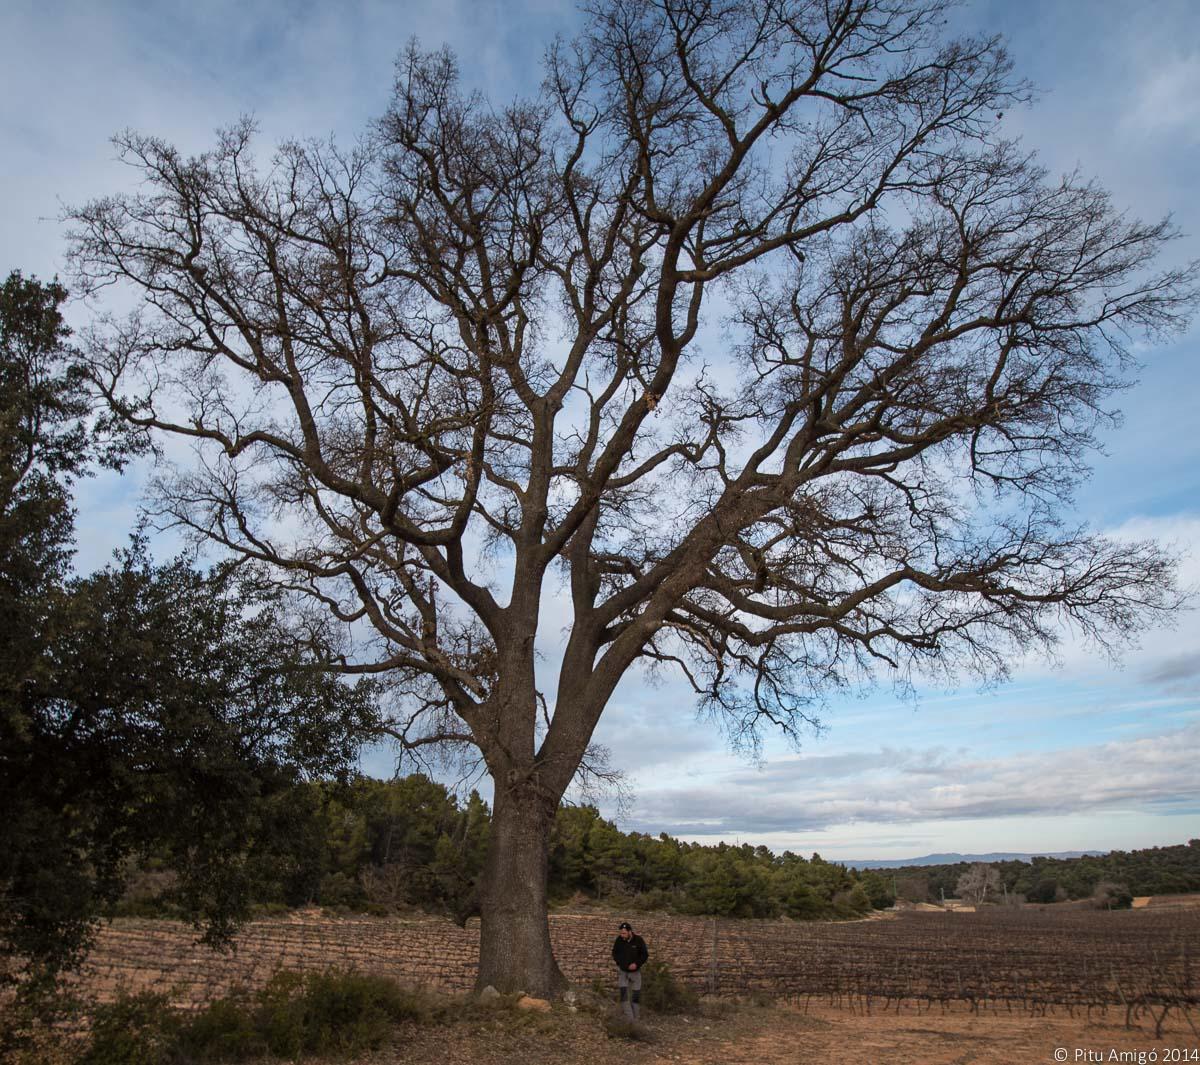 EL reboll de Vinganya, Vimbodí, Quercus faginea valentinae, Arbres Singulars